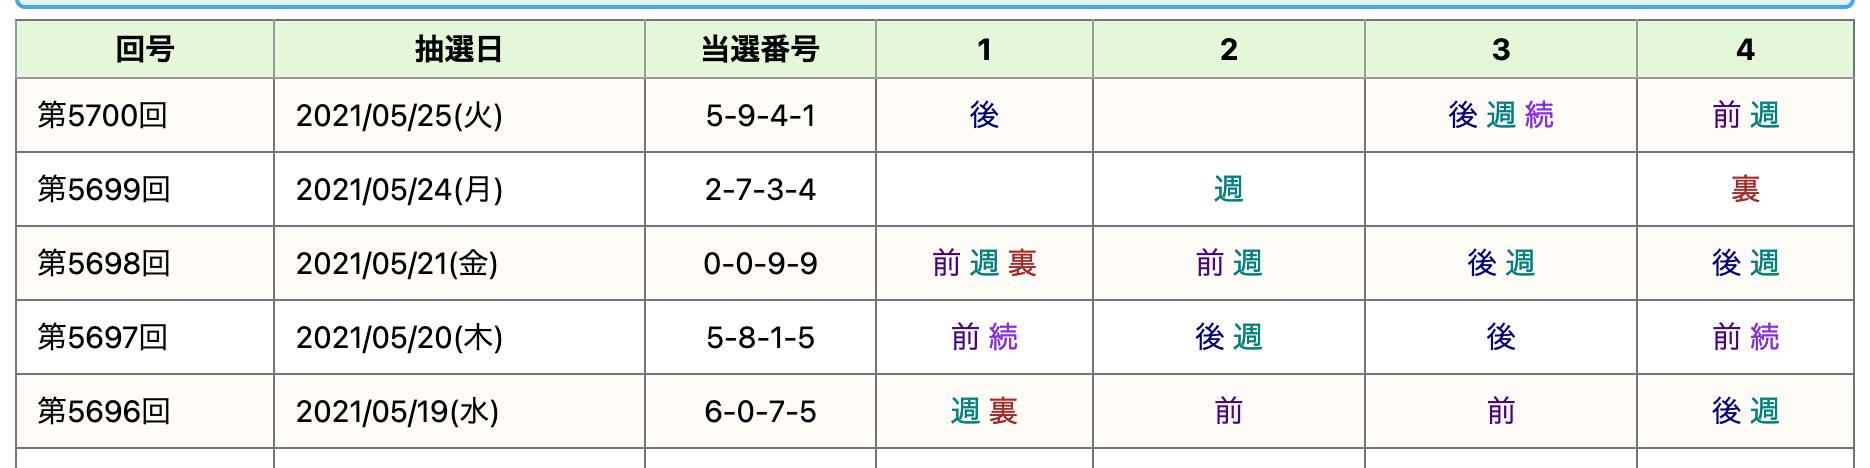 ナンバーズ当選番号 ナンバーズ4(NUMBERS4)過去の当せん番号案内